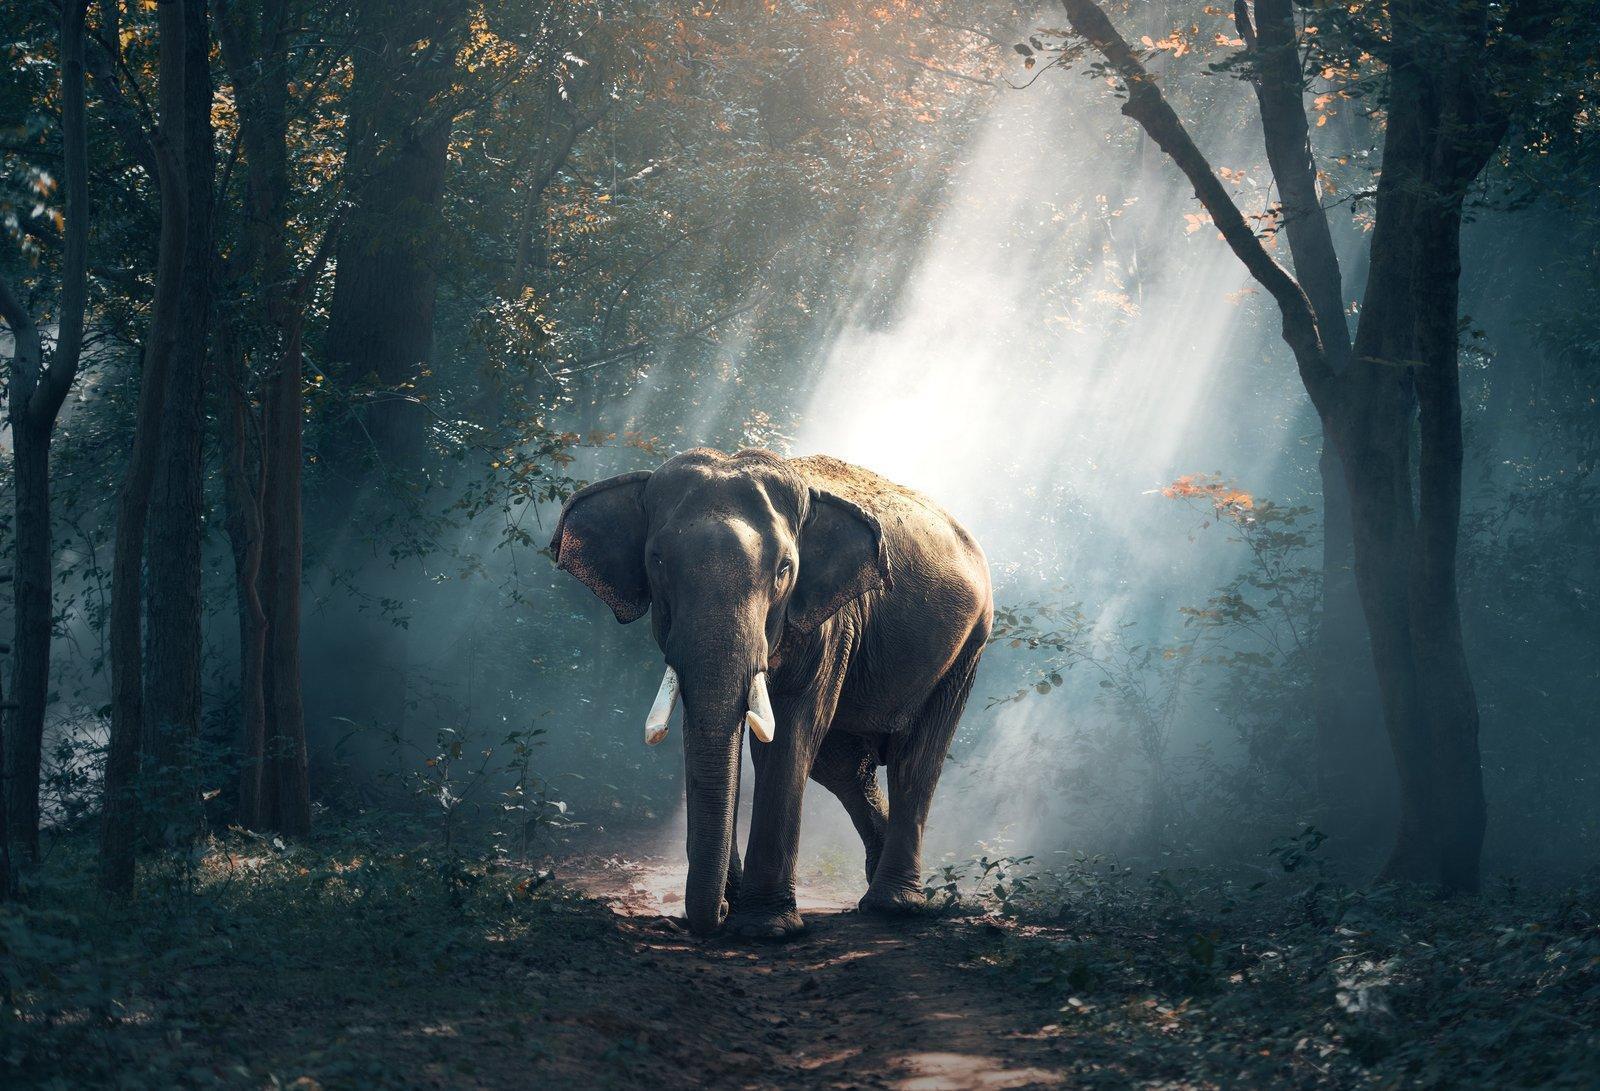 animal-photography-daylight-elephant-247431